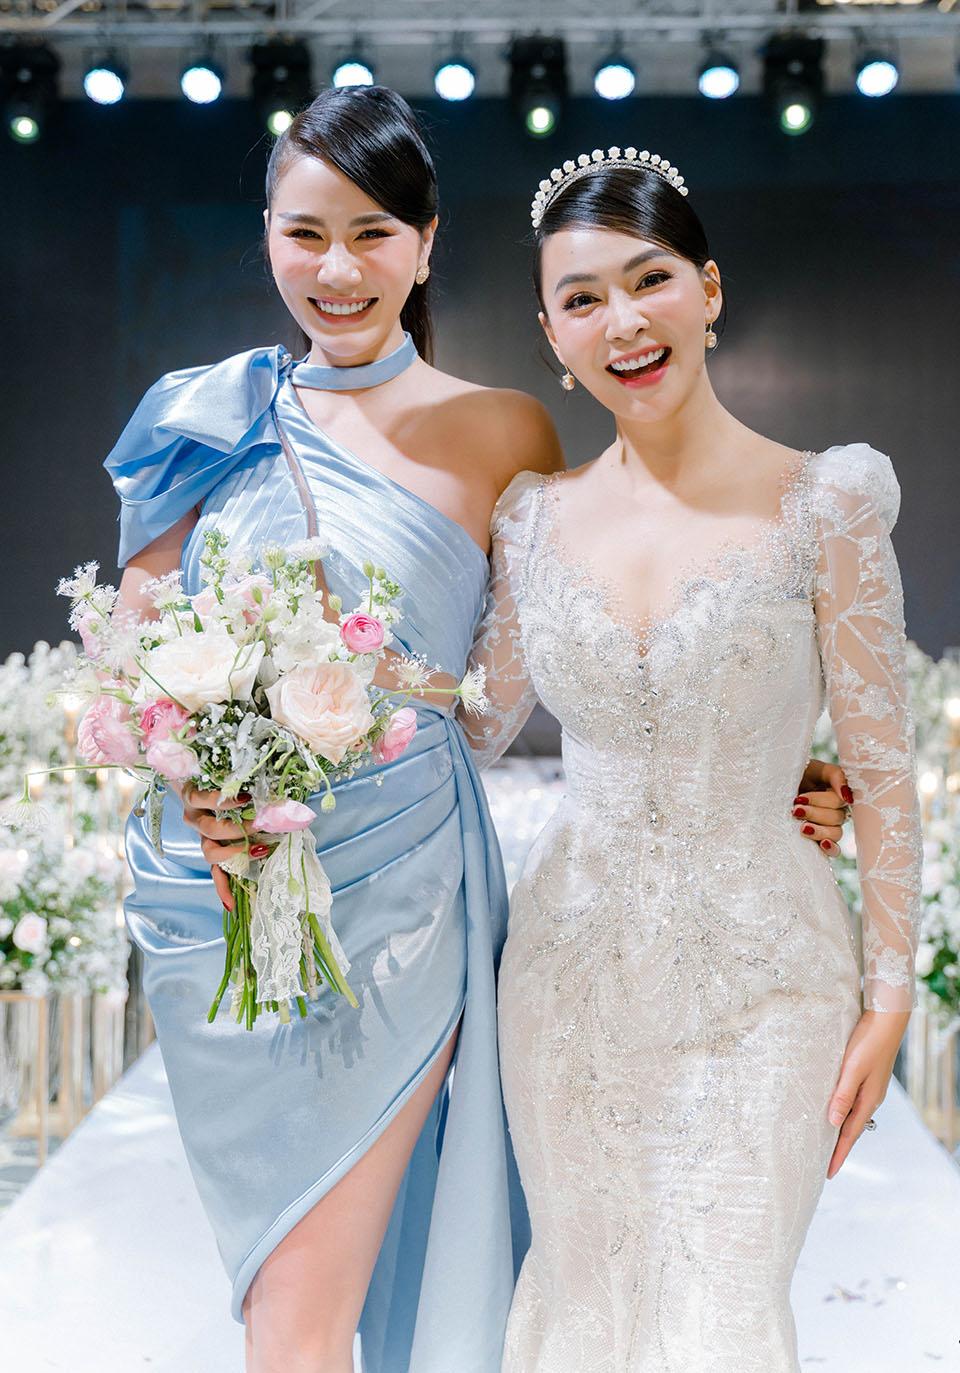 """Sao Việt dự đám cưới của """"hoa hậu Bolero"""" được chồng tặng 15 sổ tiết kiệm - hình ảnh 4"""